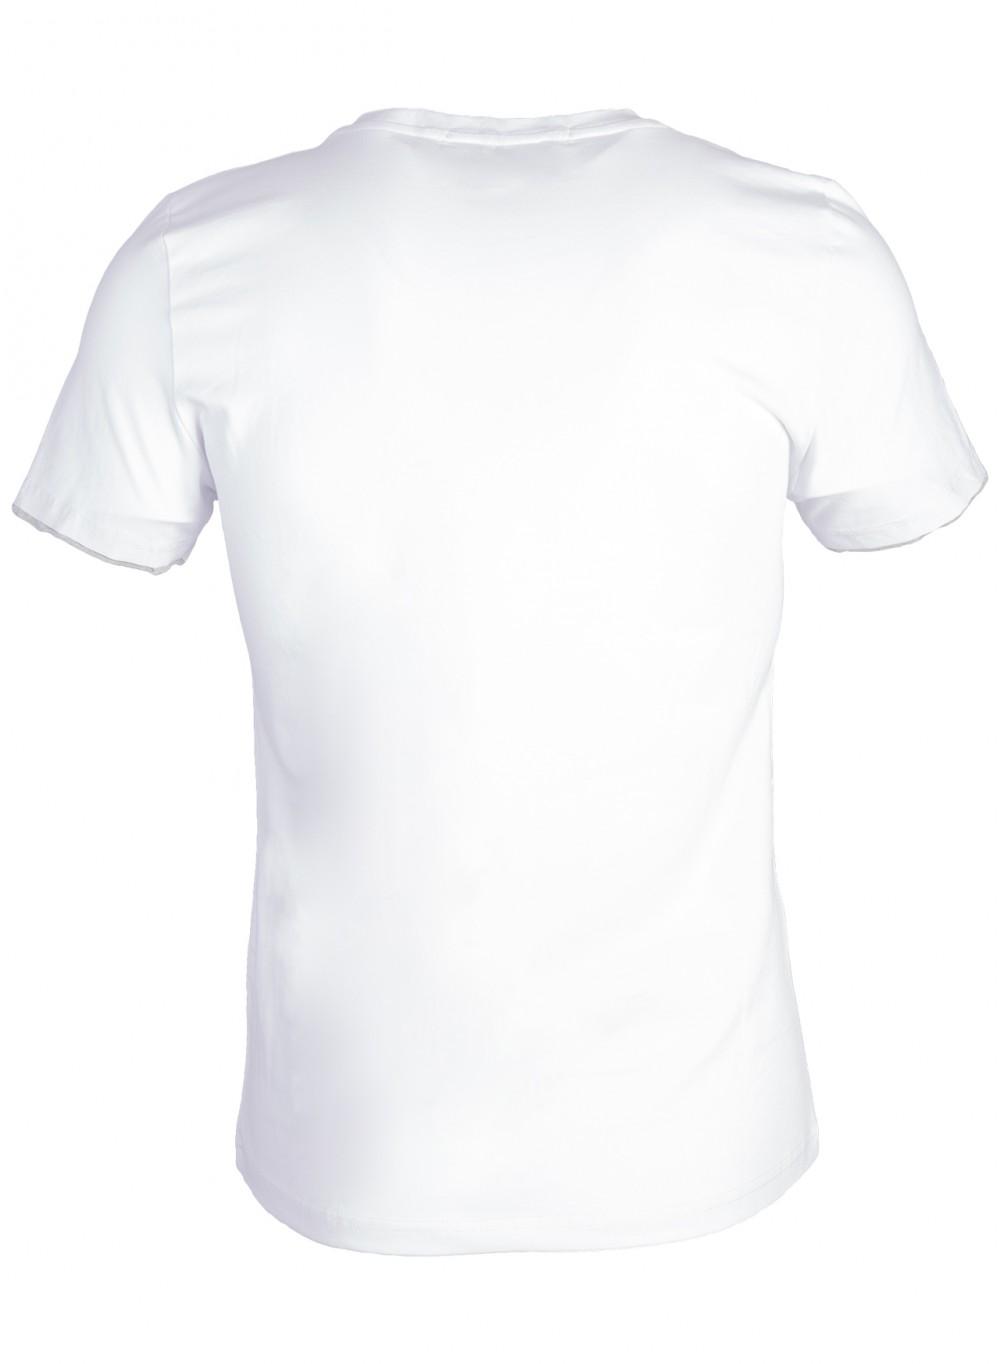 Áo thun trắng at761 - 3